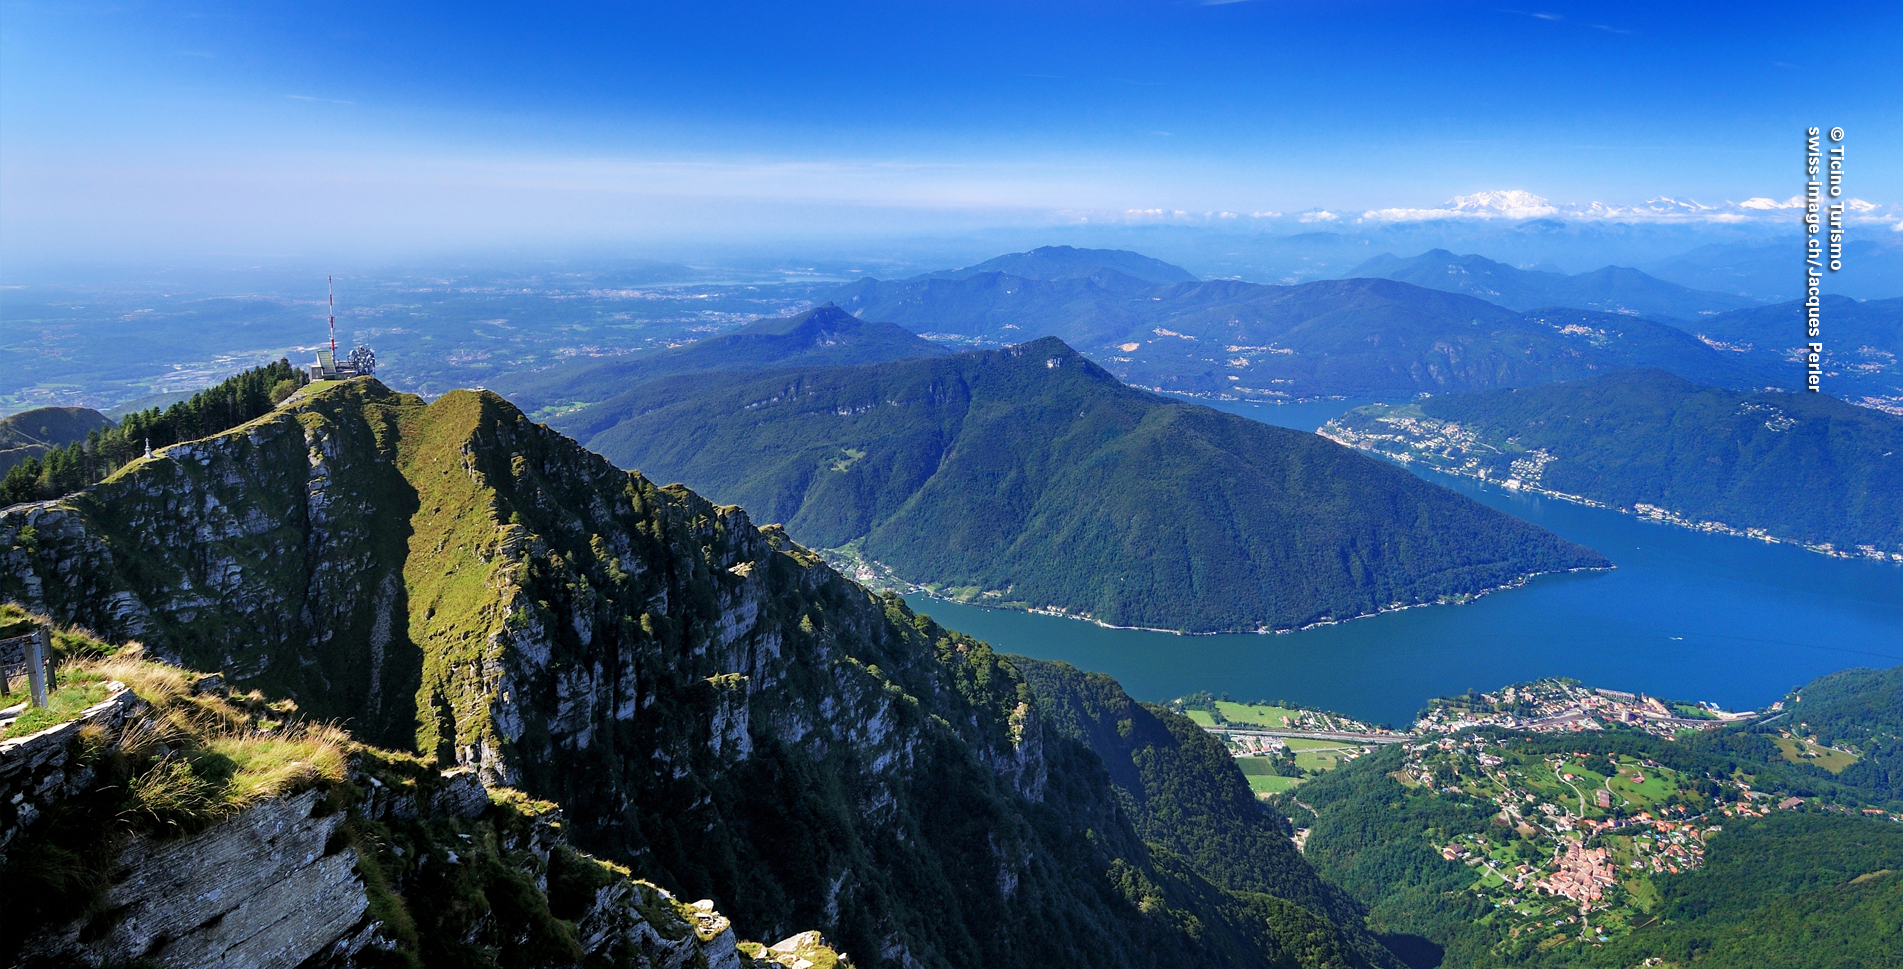 Wanderung von Rovio via Alpe di Melano, Bellavista, Piancone auf den Monte Genersoso hoch oben über den Luganersee im Tessin